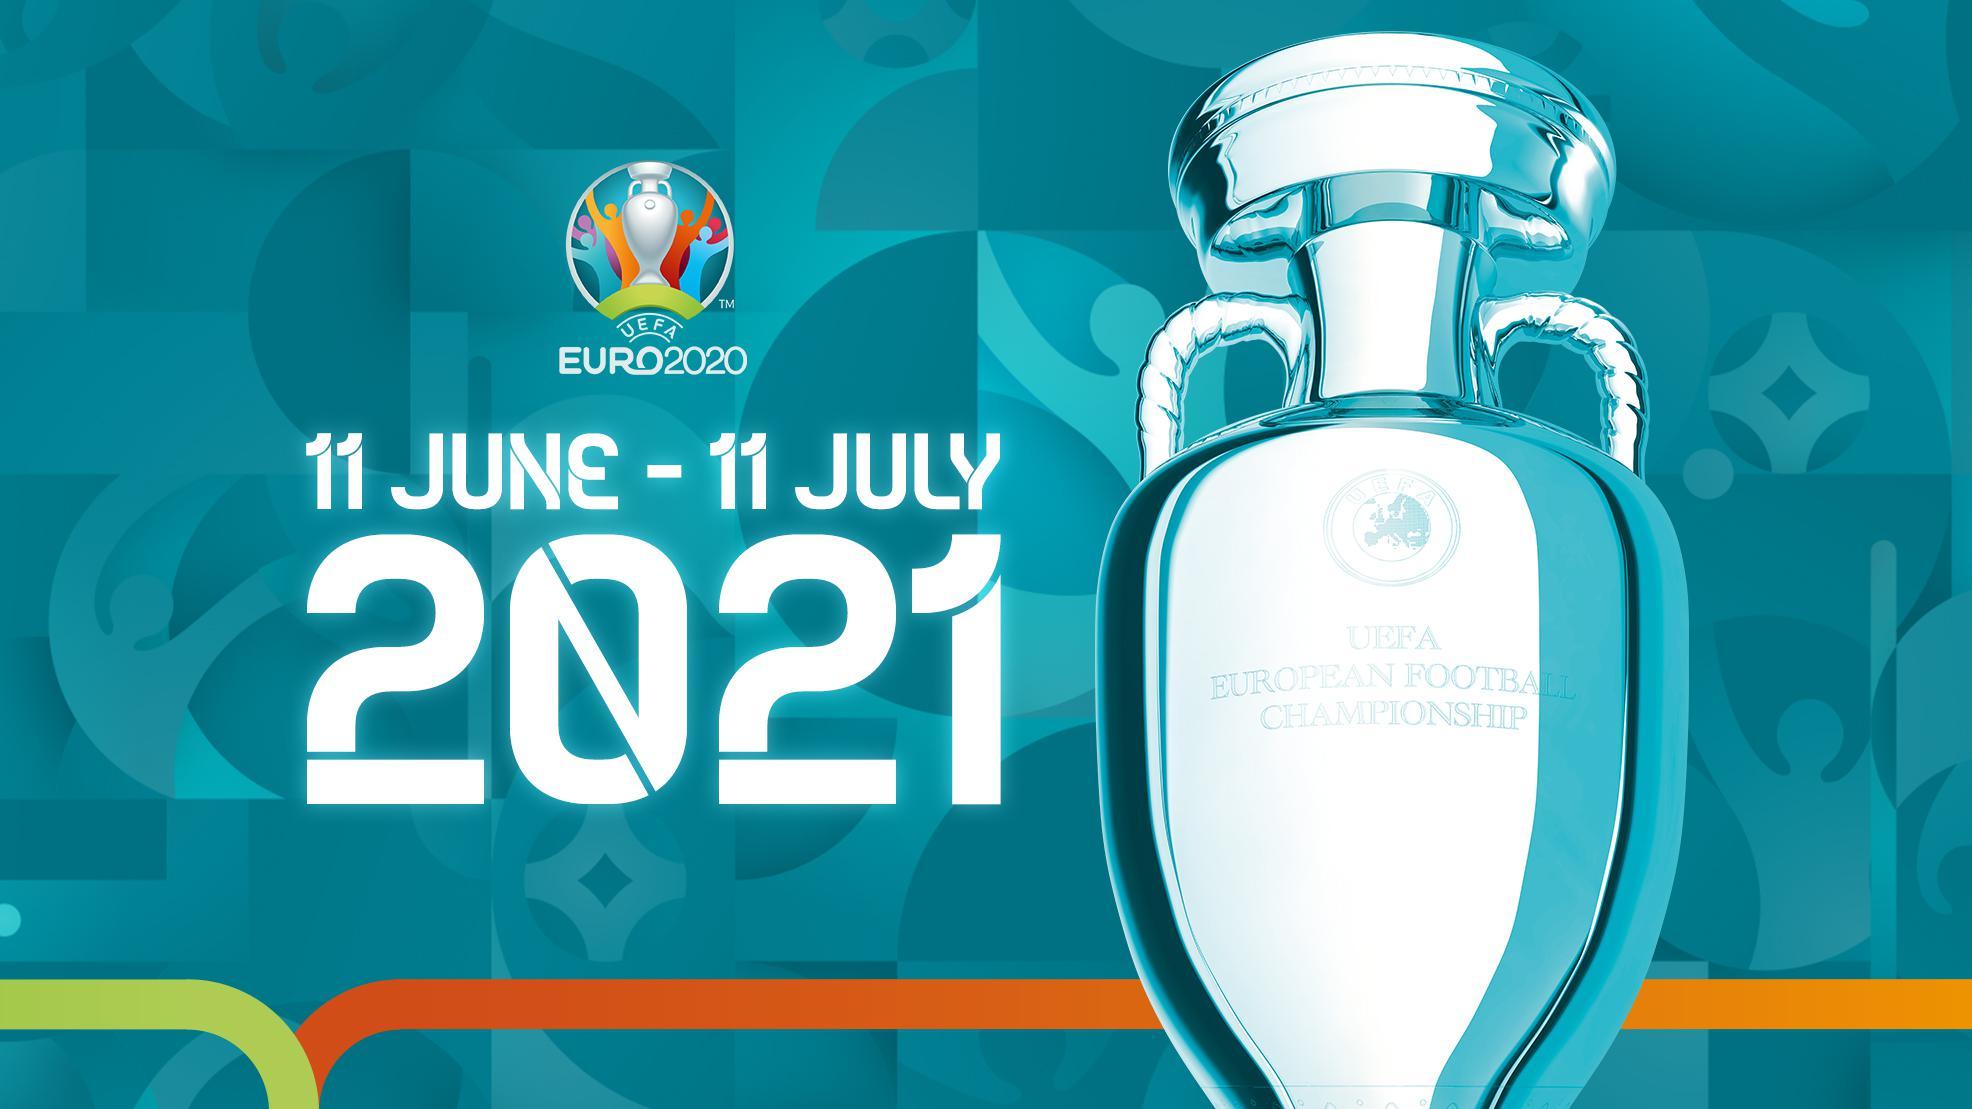 यूरो कप २०२० आजबाट सुरु हुँदै, उद्घाटन खेलमा इटाली र टर्की भिड्दै